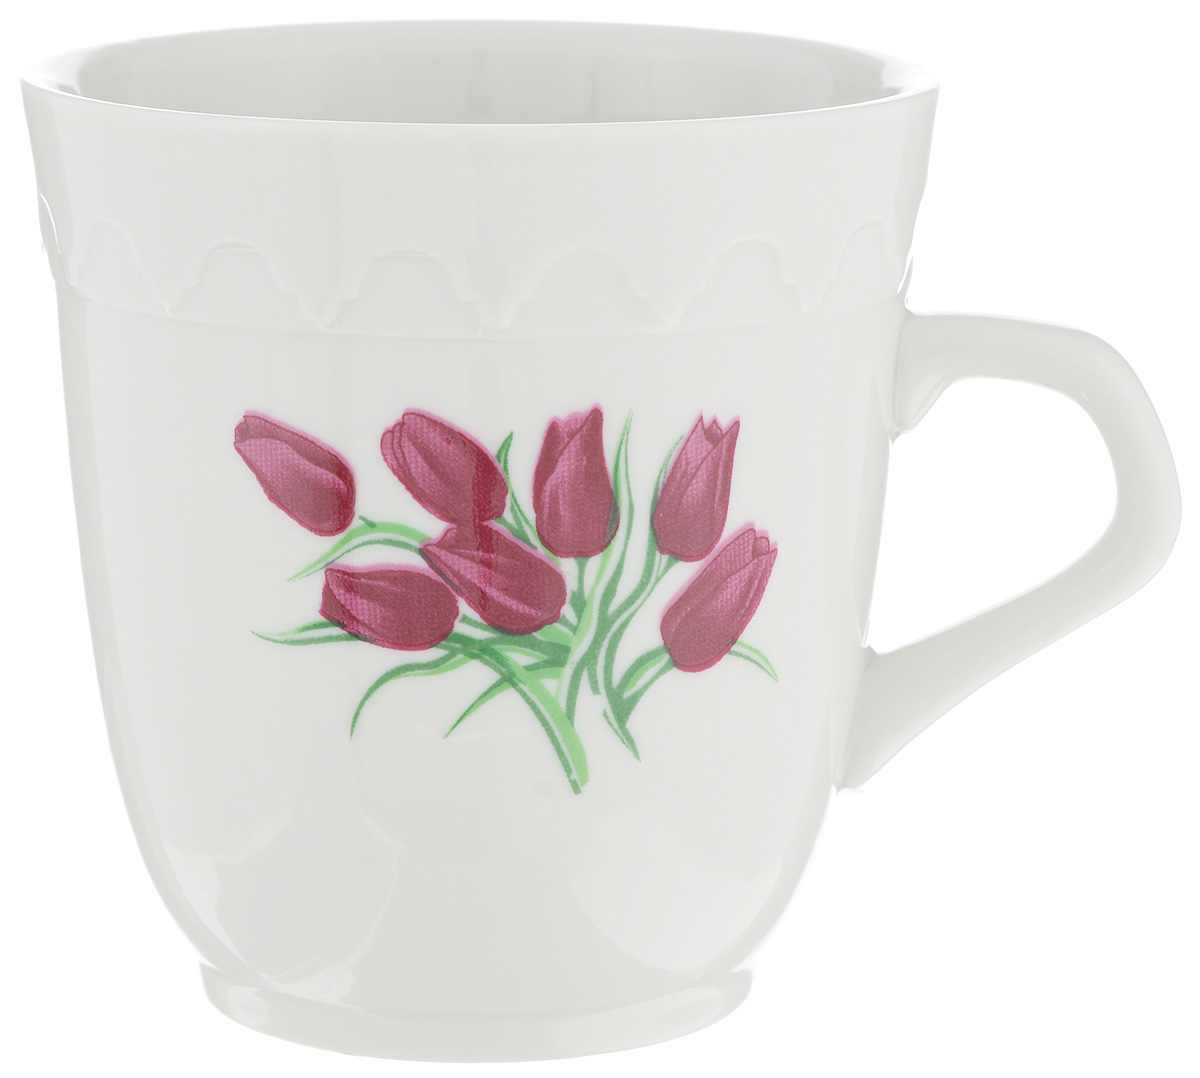 Кружка Фарфор Вербилок Арабеска. Тюльпаны, 250 мл кружка фарфор вербилок розовая лилия 200 мл